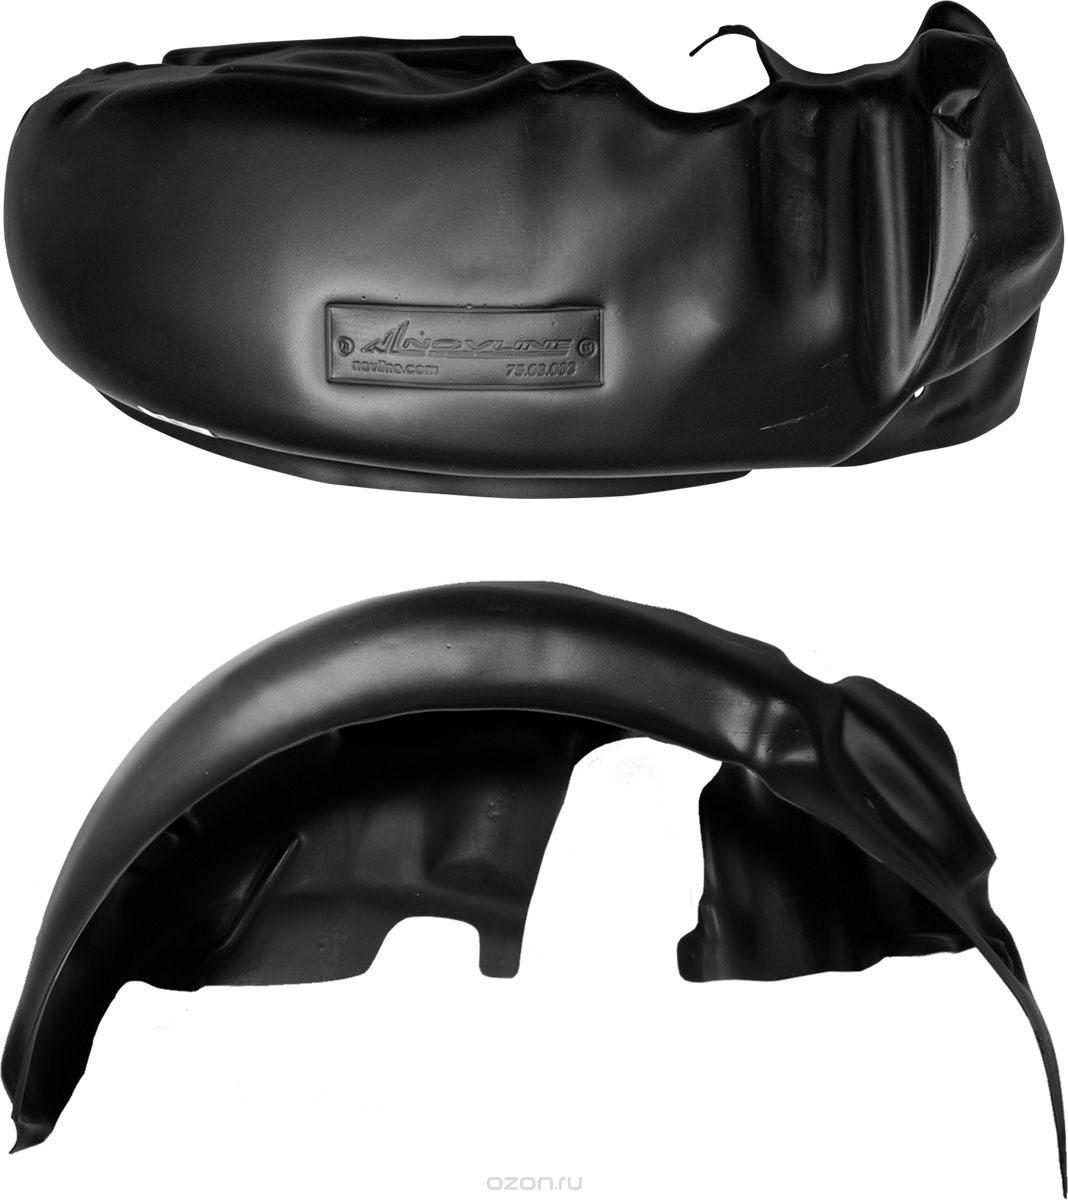 Подкрылок Novline-Autofamily, для DONGFENG S30, 03/2014->, передний левыйNLL.96.02.001Идеальная защита колесной ниши. Локеры разработаны с применением цифровых технологий, гарантируют максимальную повторяемость поверхности арки. Изделия устанавливаются без нарушения лакокрасочного покрытия автомобиля, каждый подкрылок комплектуется крепежом. Уважаемые клиенты, обращаем ваше внимание, что фотографии на подкрылки универсальные и не отражают реальную форму изделия. При этом само изделие идет точно под размер указанного автомобиля.